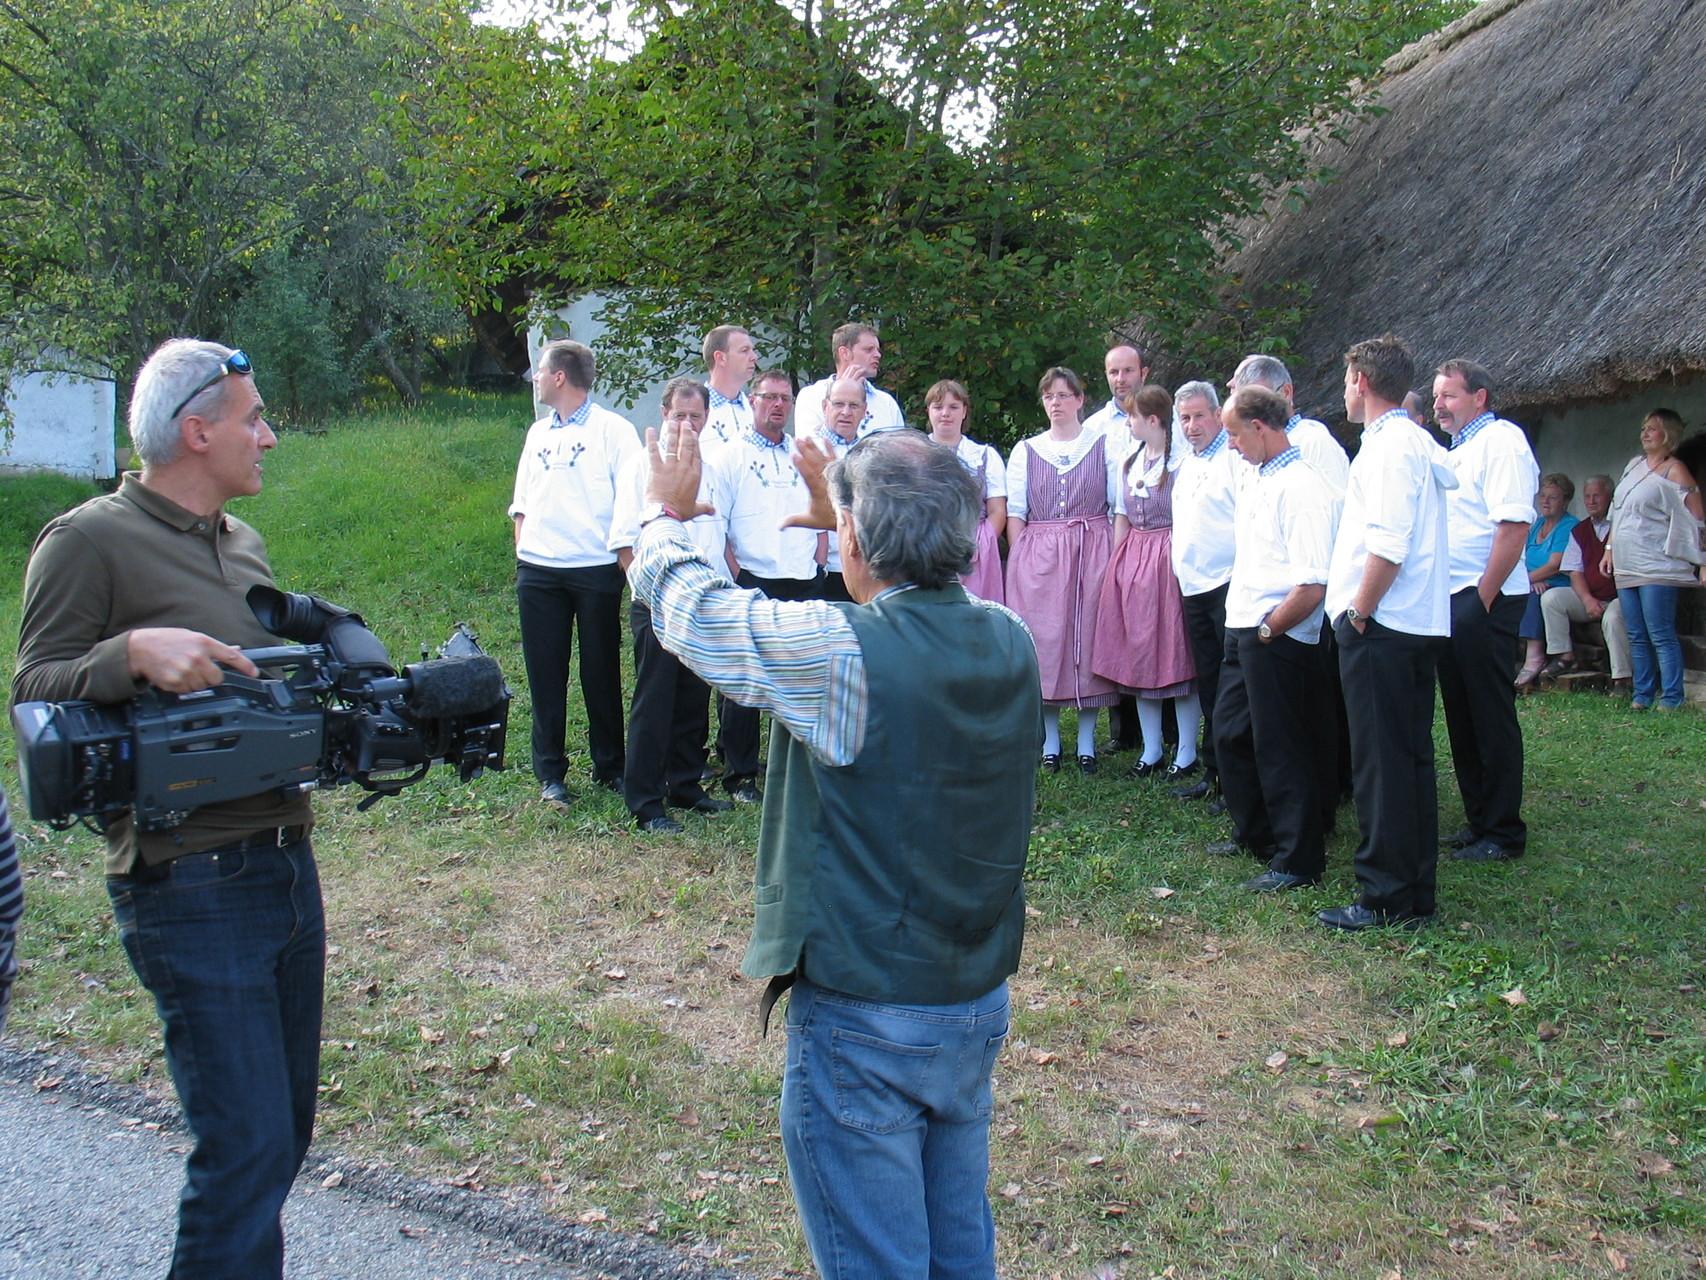 Auch das Österreichische Fernsehen interessiert sich für die Gäste aus der Schweiz